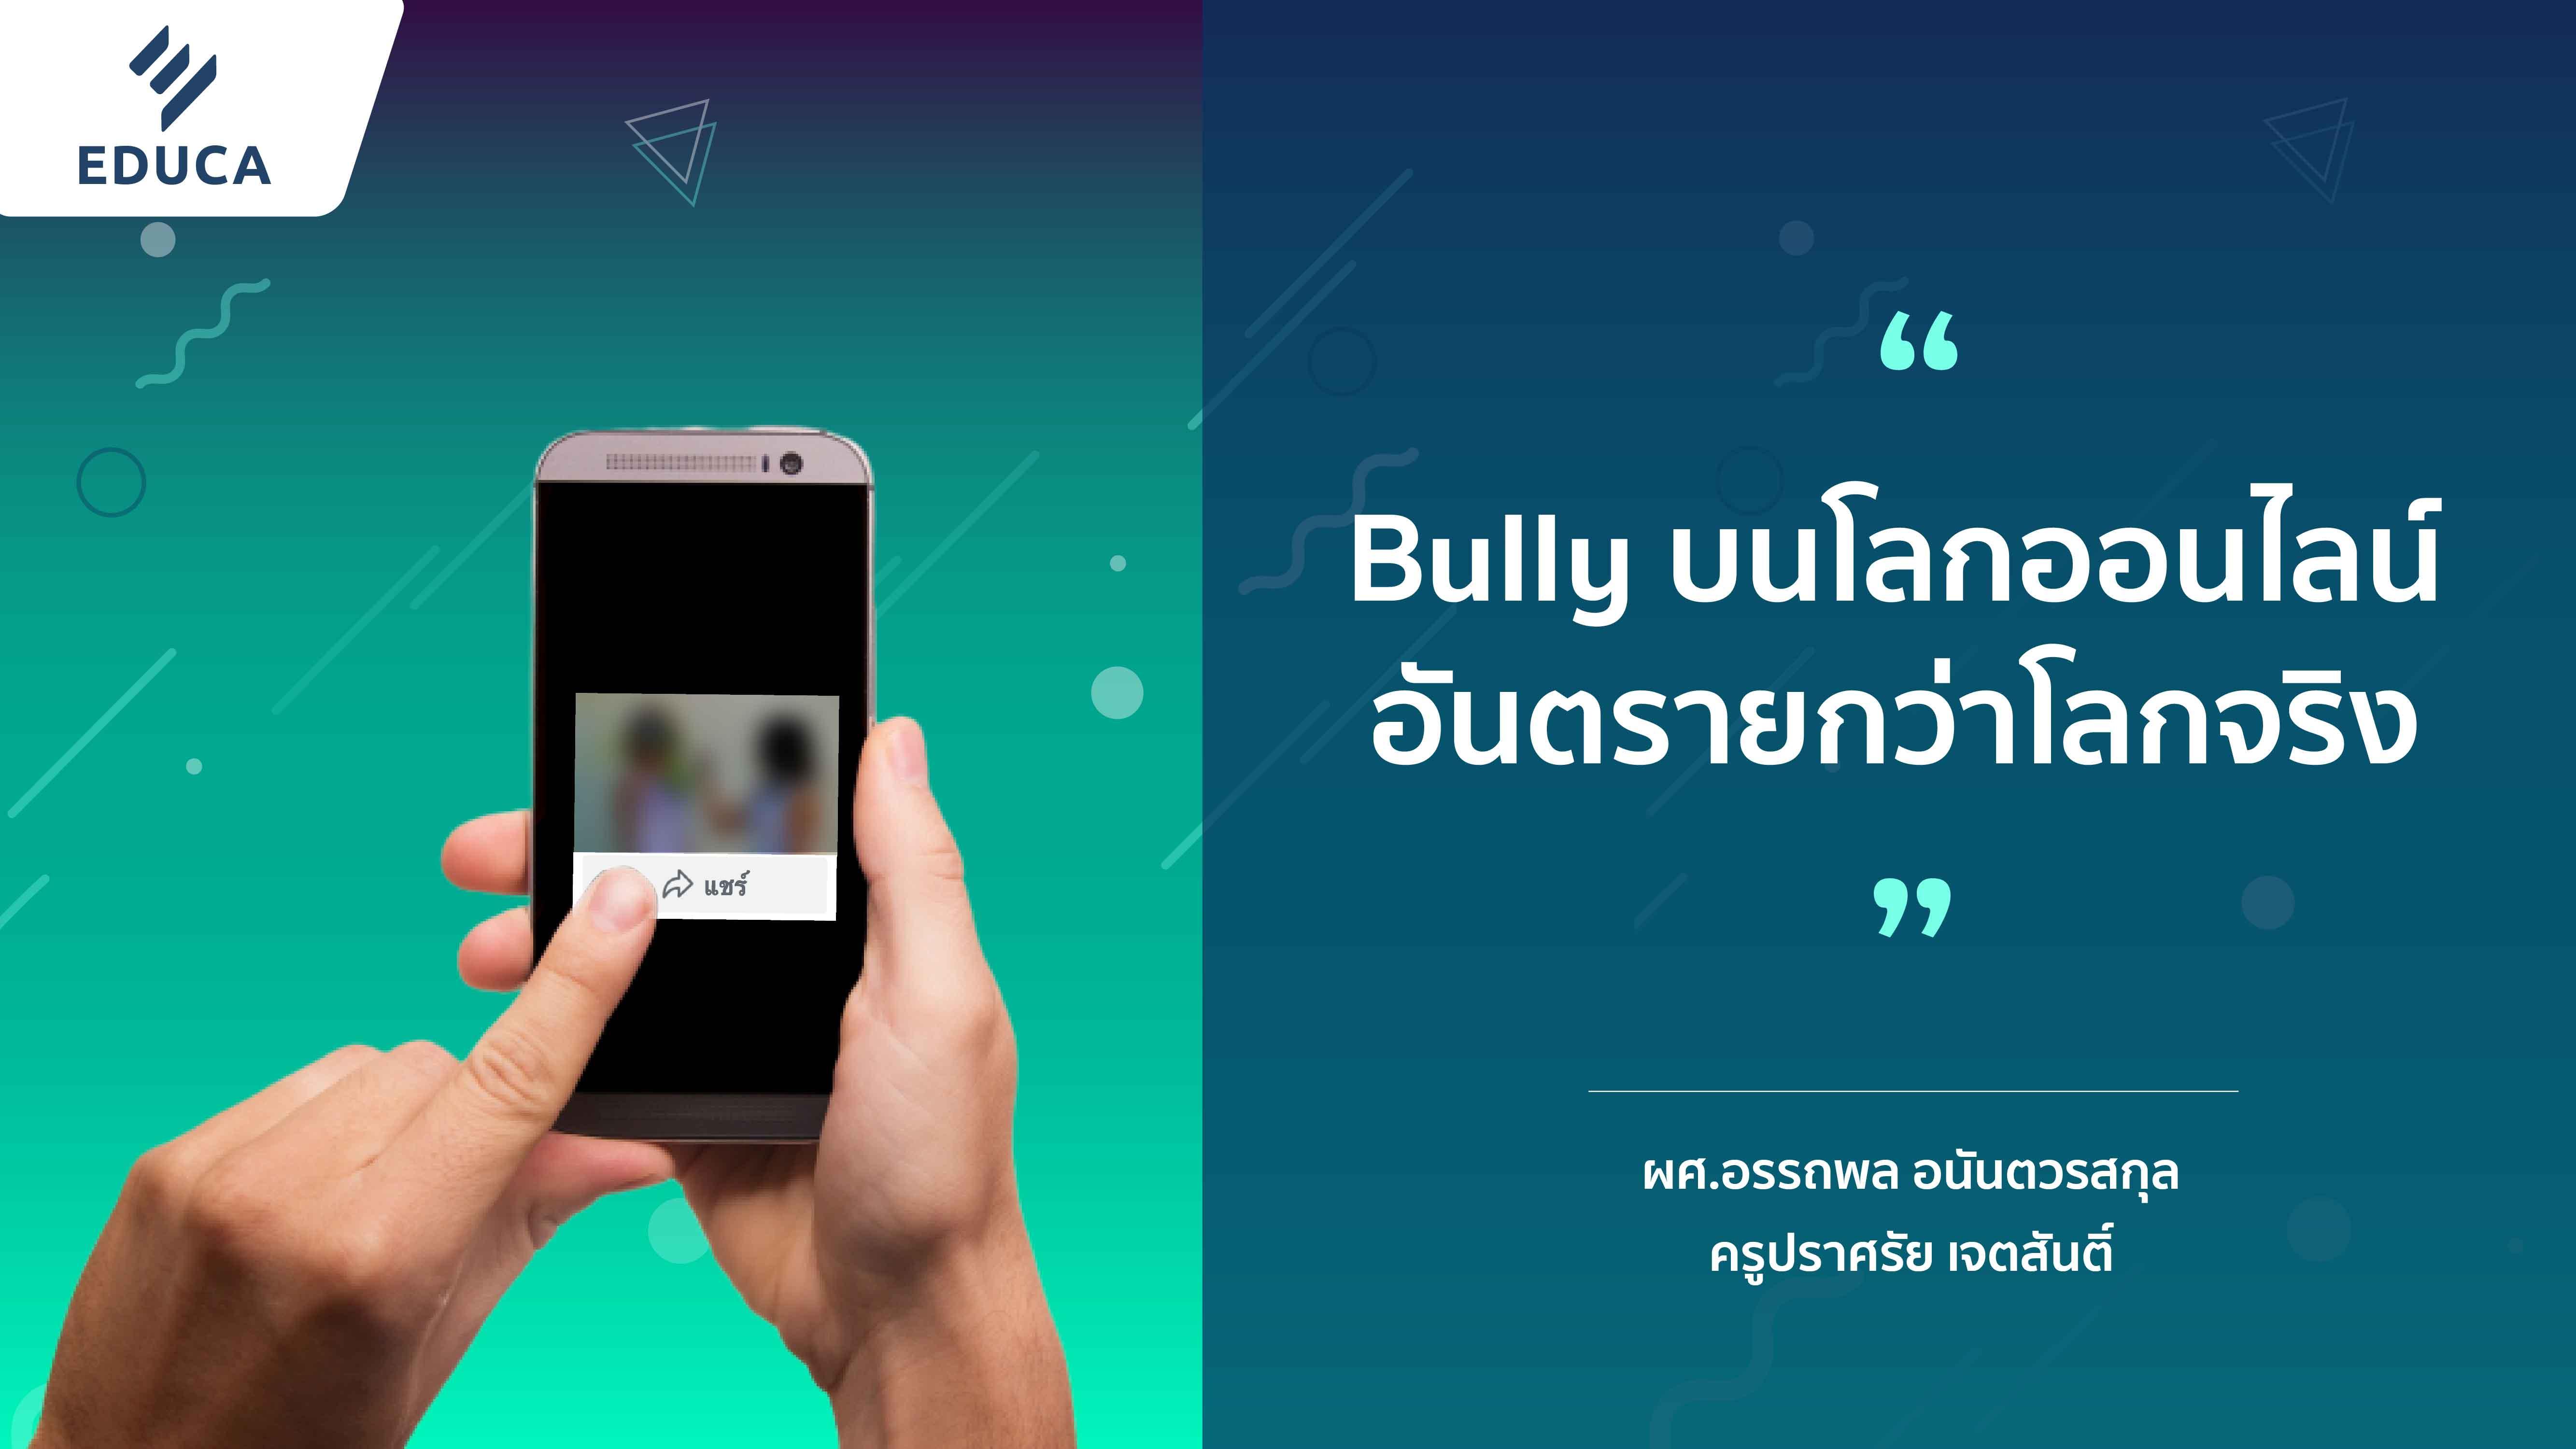 ล้อแกล้ง Bully บนโลกออนไลน์ อันตรายกว่าโลกจริง